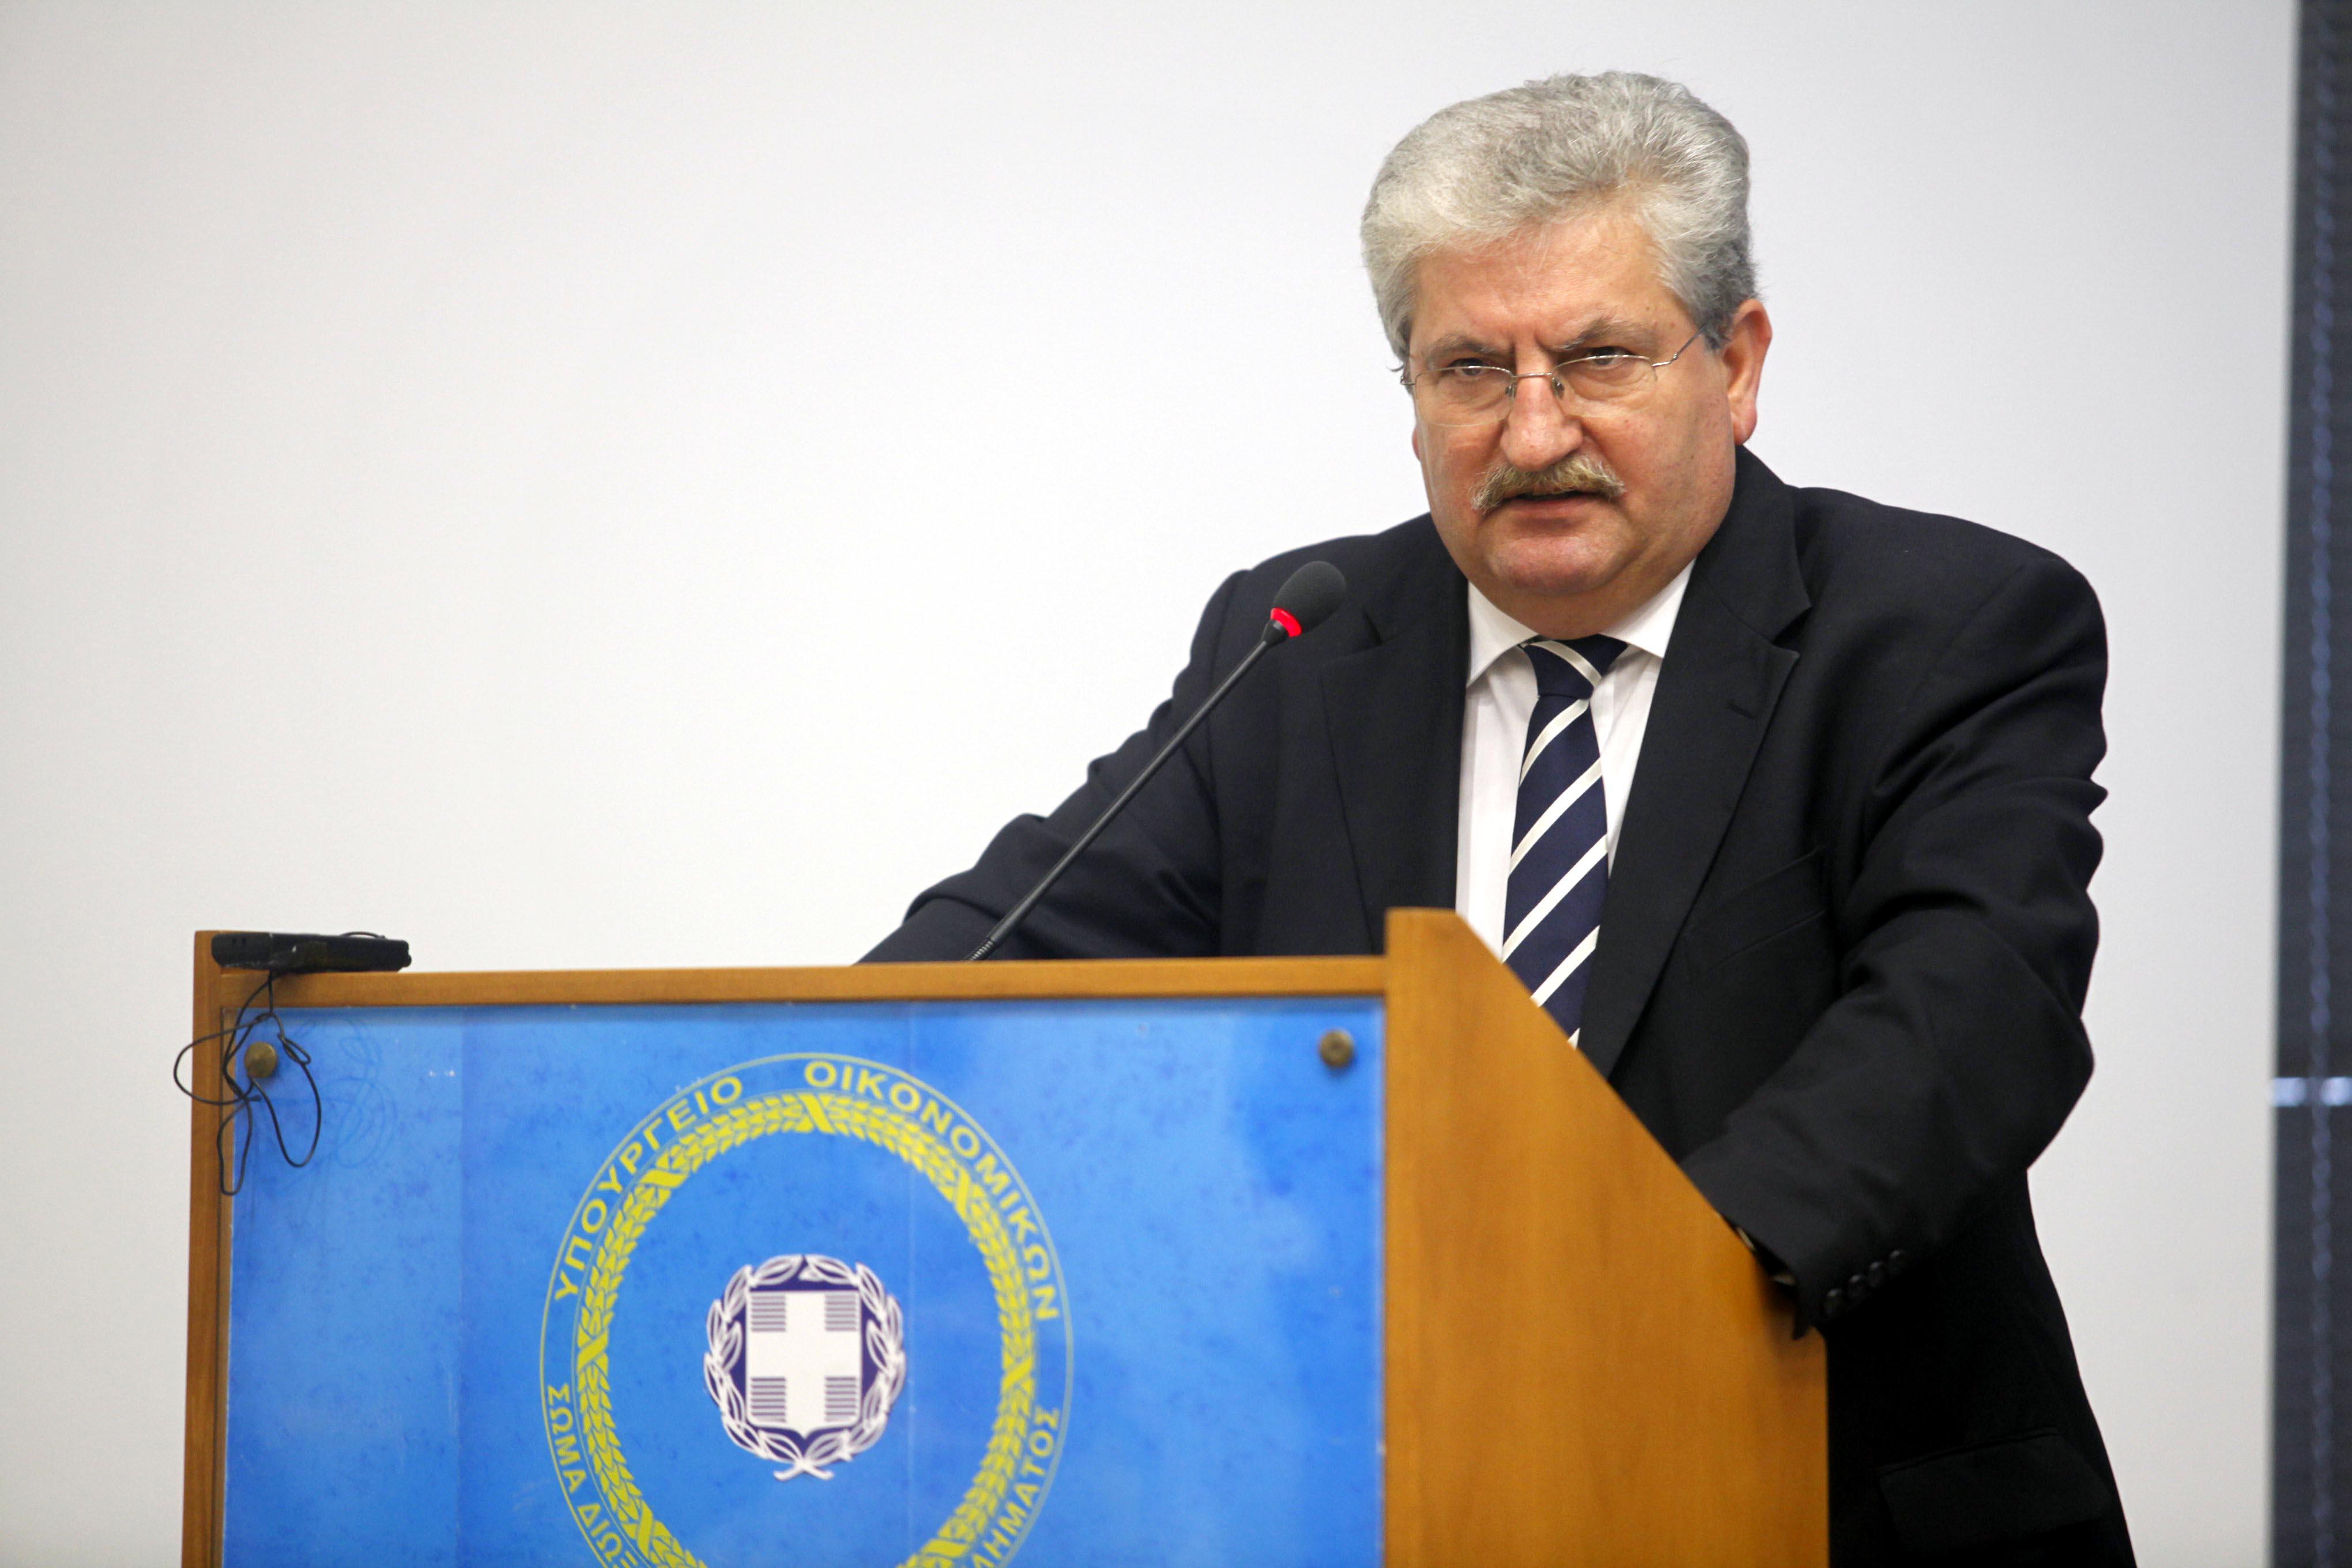 Ι. Διώτης: Δεν άνοιξα τη λίστα και δεν κράτησα αντίγραφο | tovima.gr